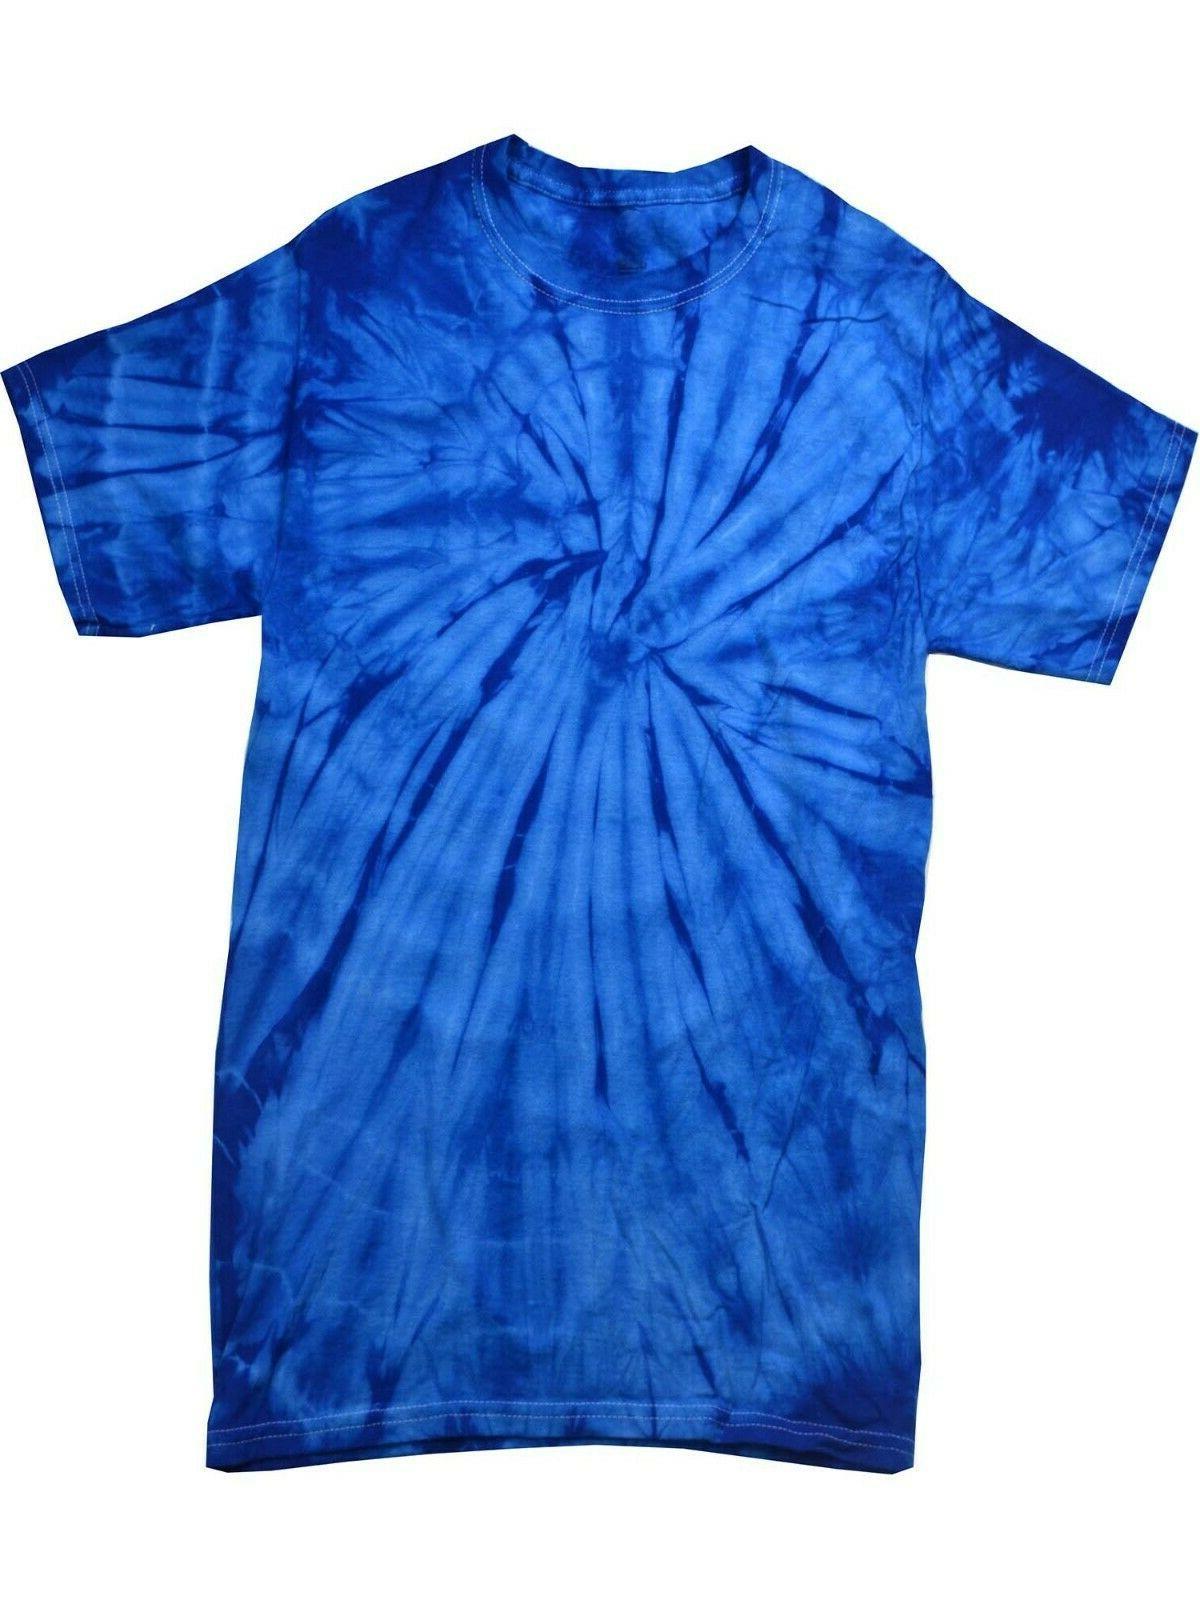 Pick Dye M 3XL